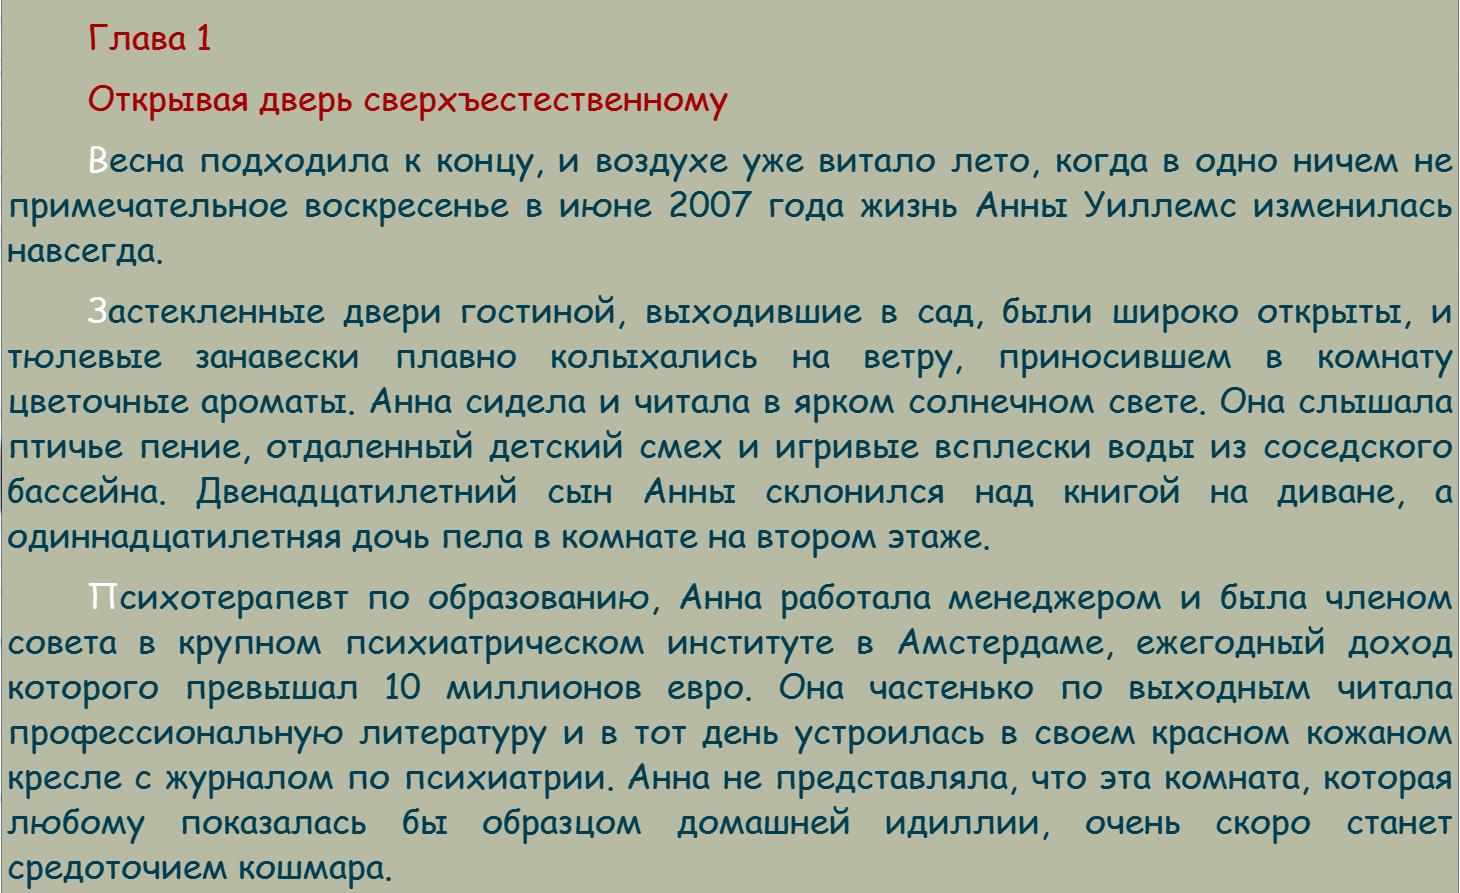 http://sh.uploads.ru/15r3u.png